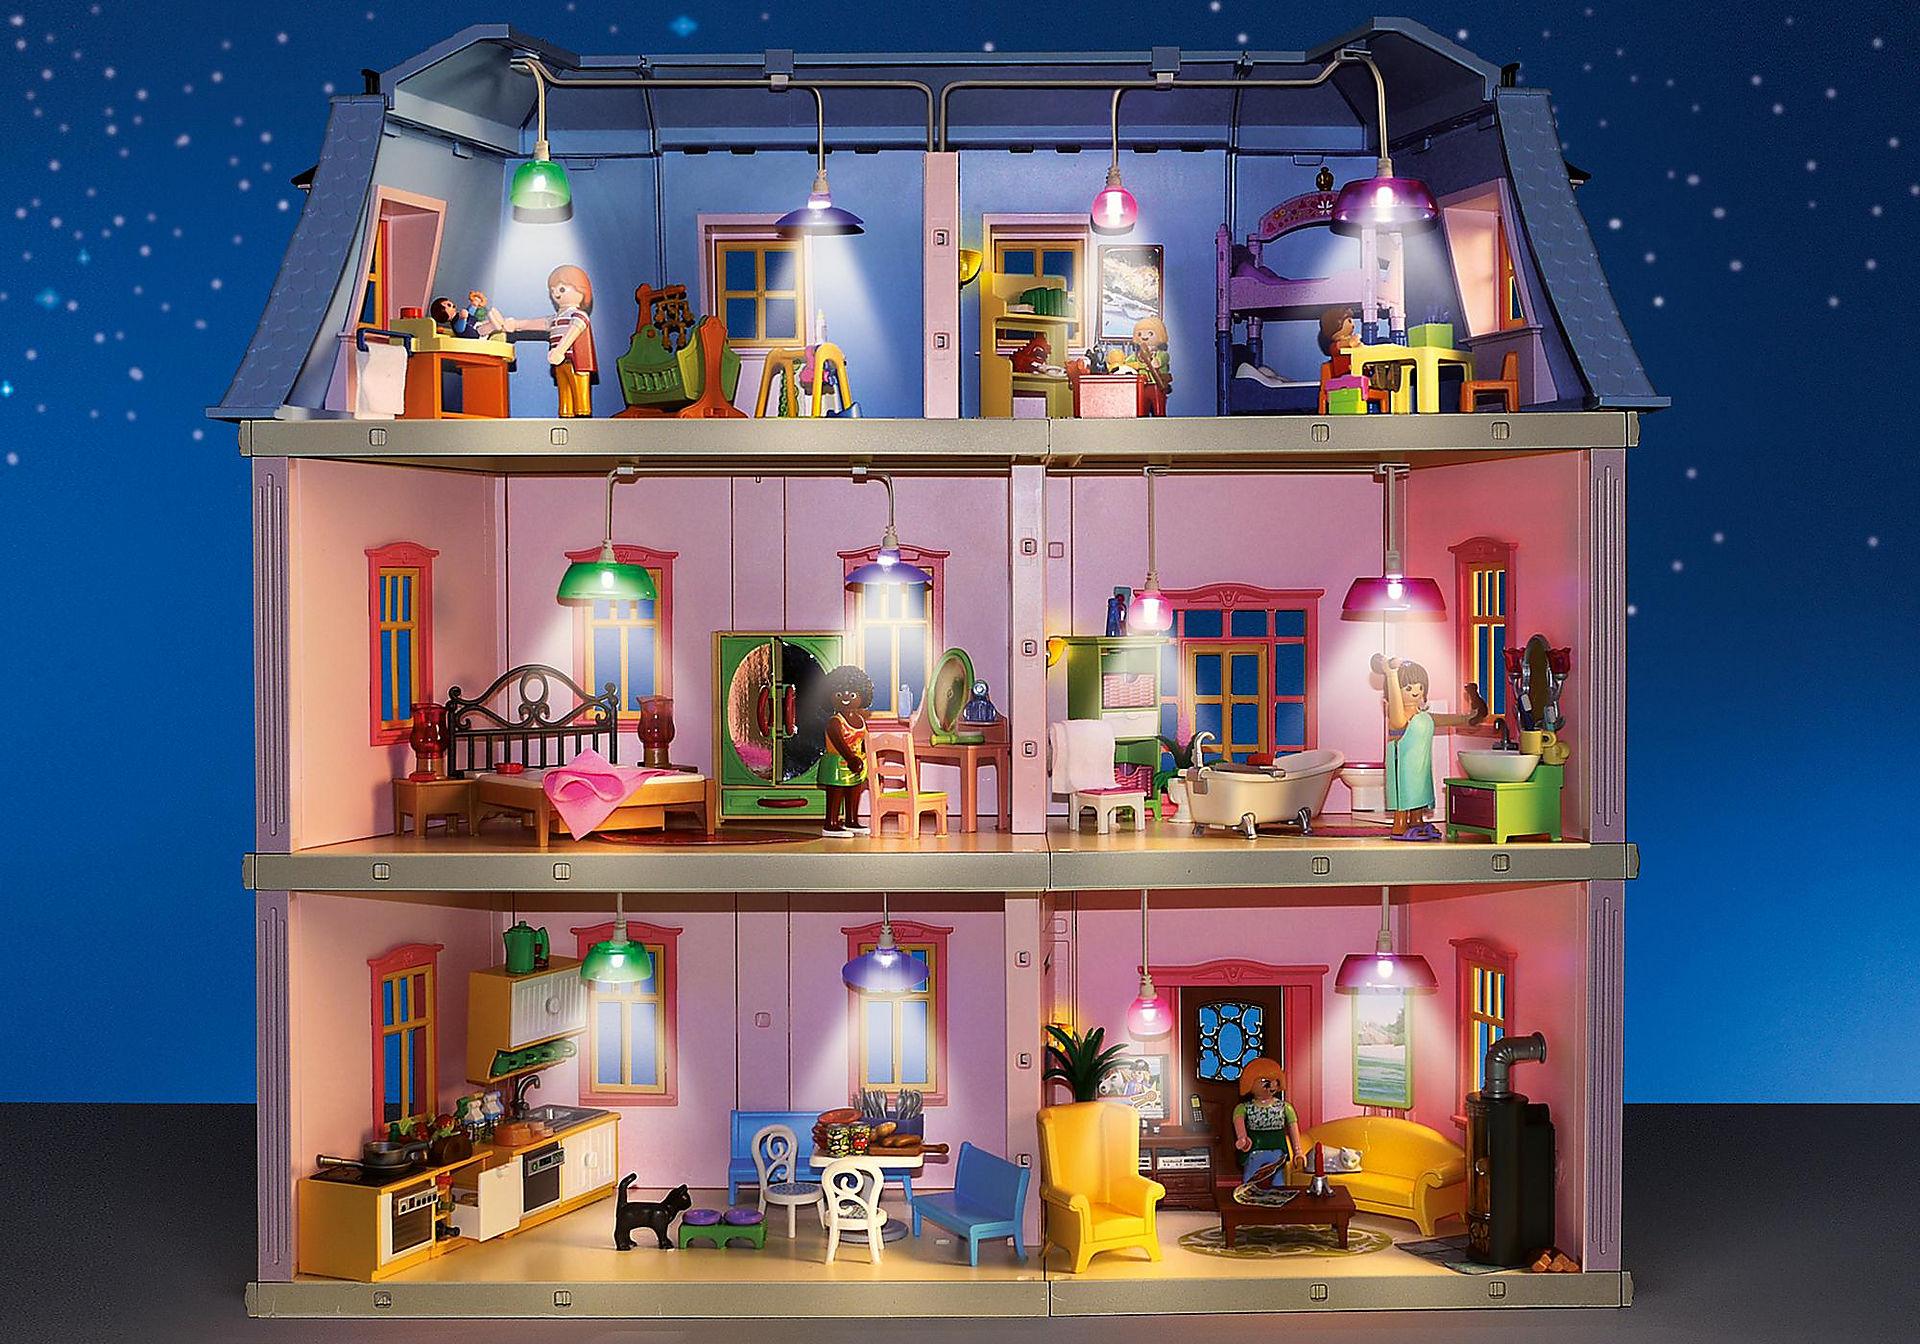 http://media.playmobil.com/i/playmobil/6456_product_extra1/Kit d'éclairage pour maison traditionnelle (Réf. 5303)